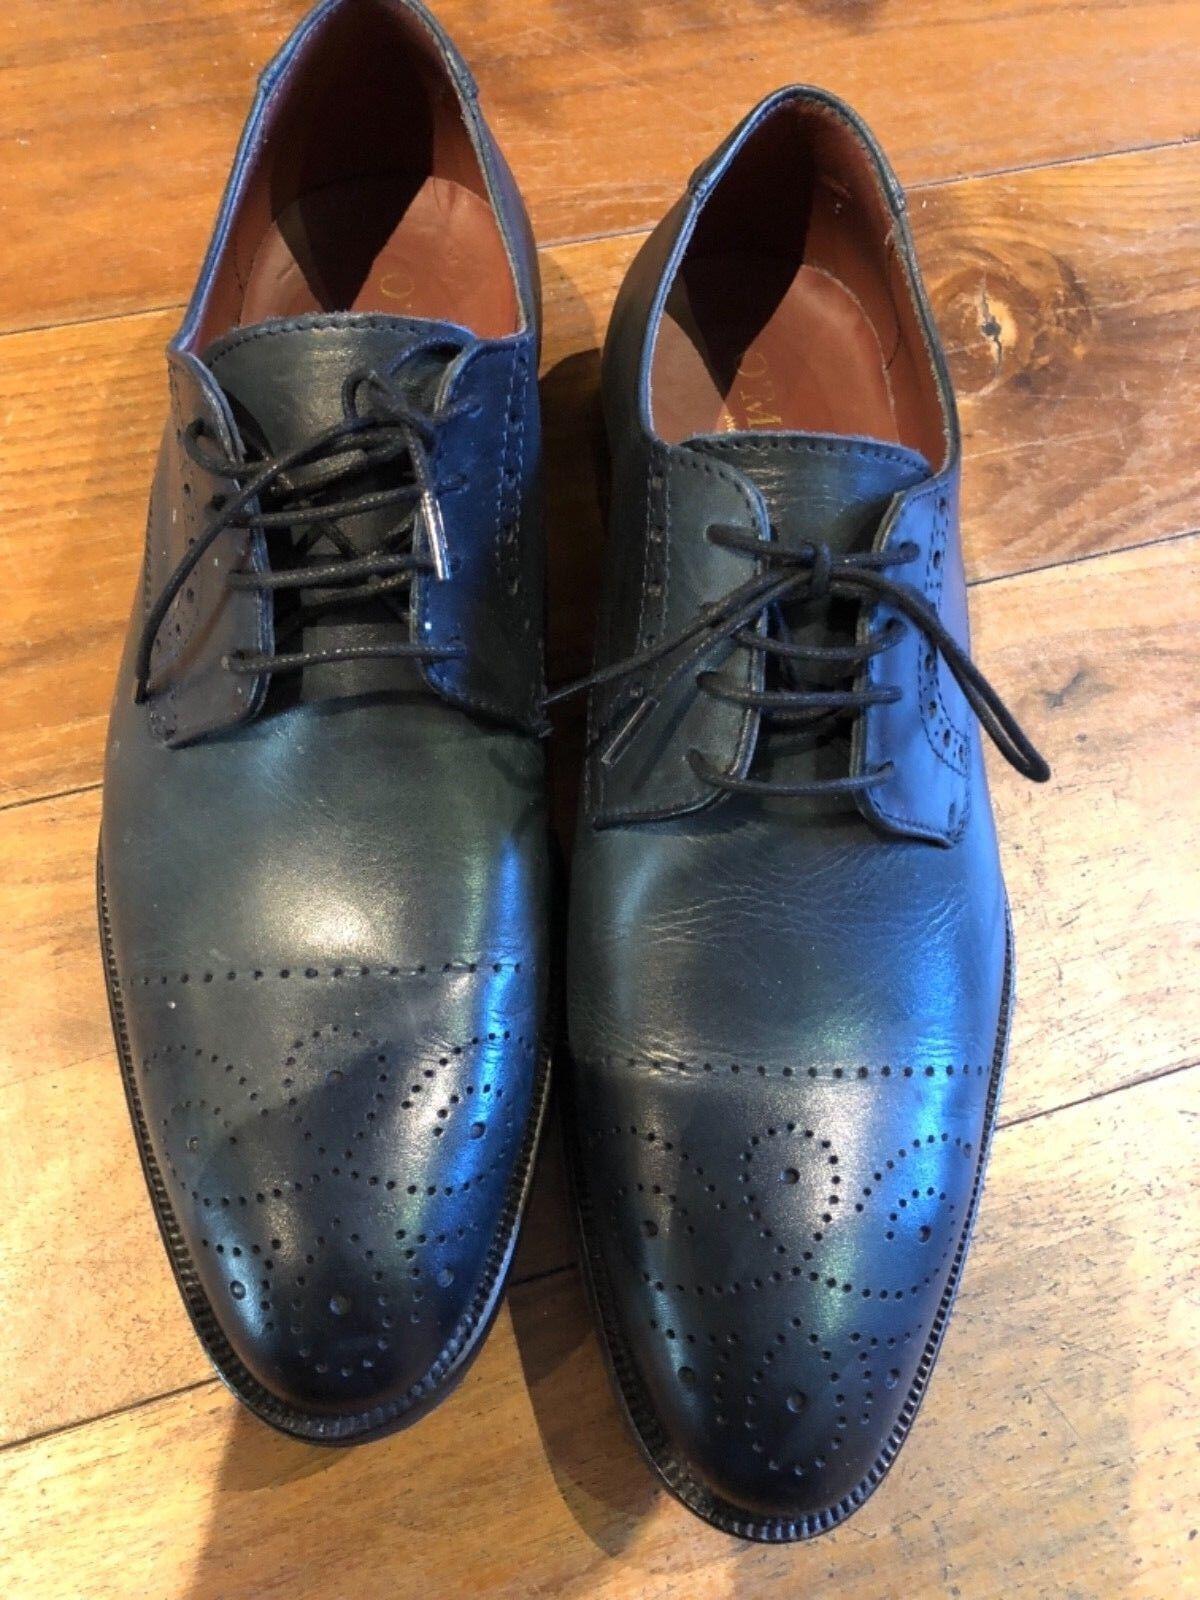 Scarpe da Uomo in Pelle Italiana Premium Taglia 9-Brand-o MARIO-difficilmente elegante USATO | A Basso Prezzo  | Uomini/Donna Scarpa